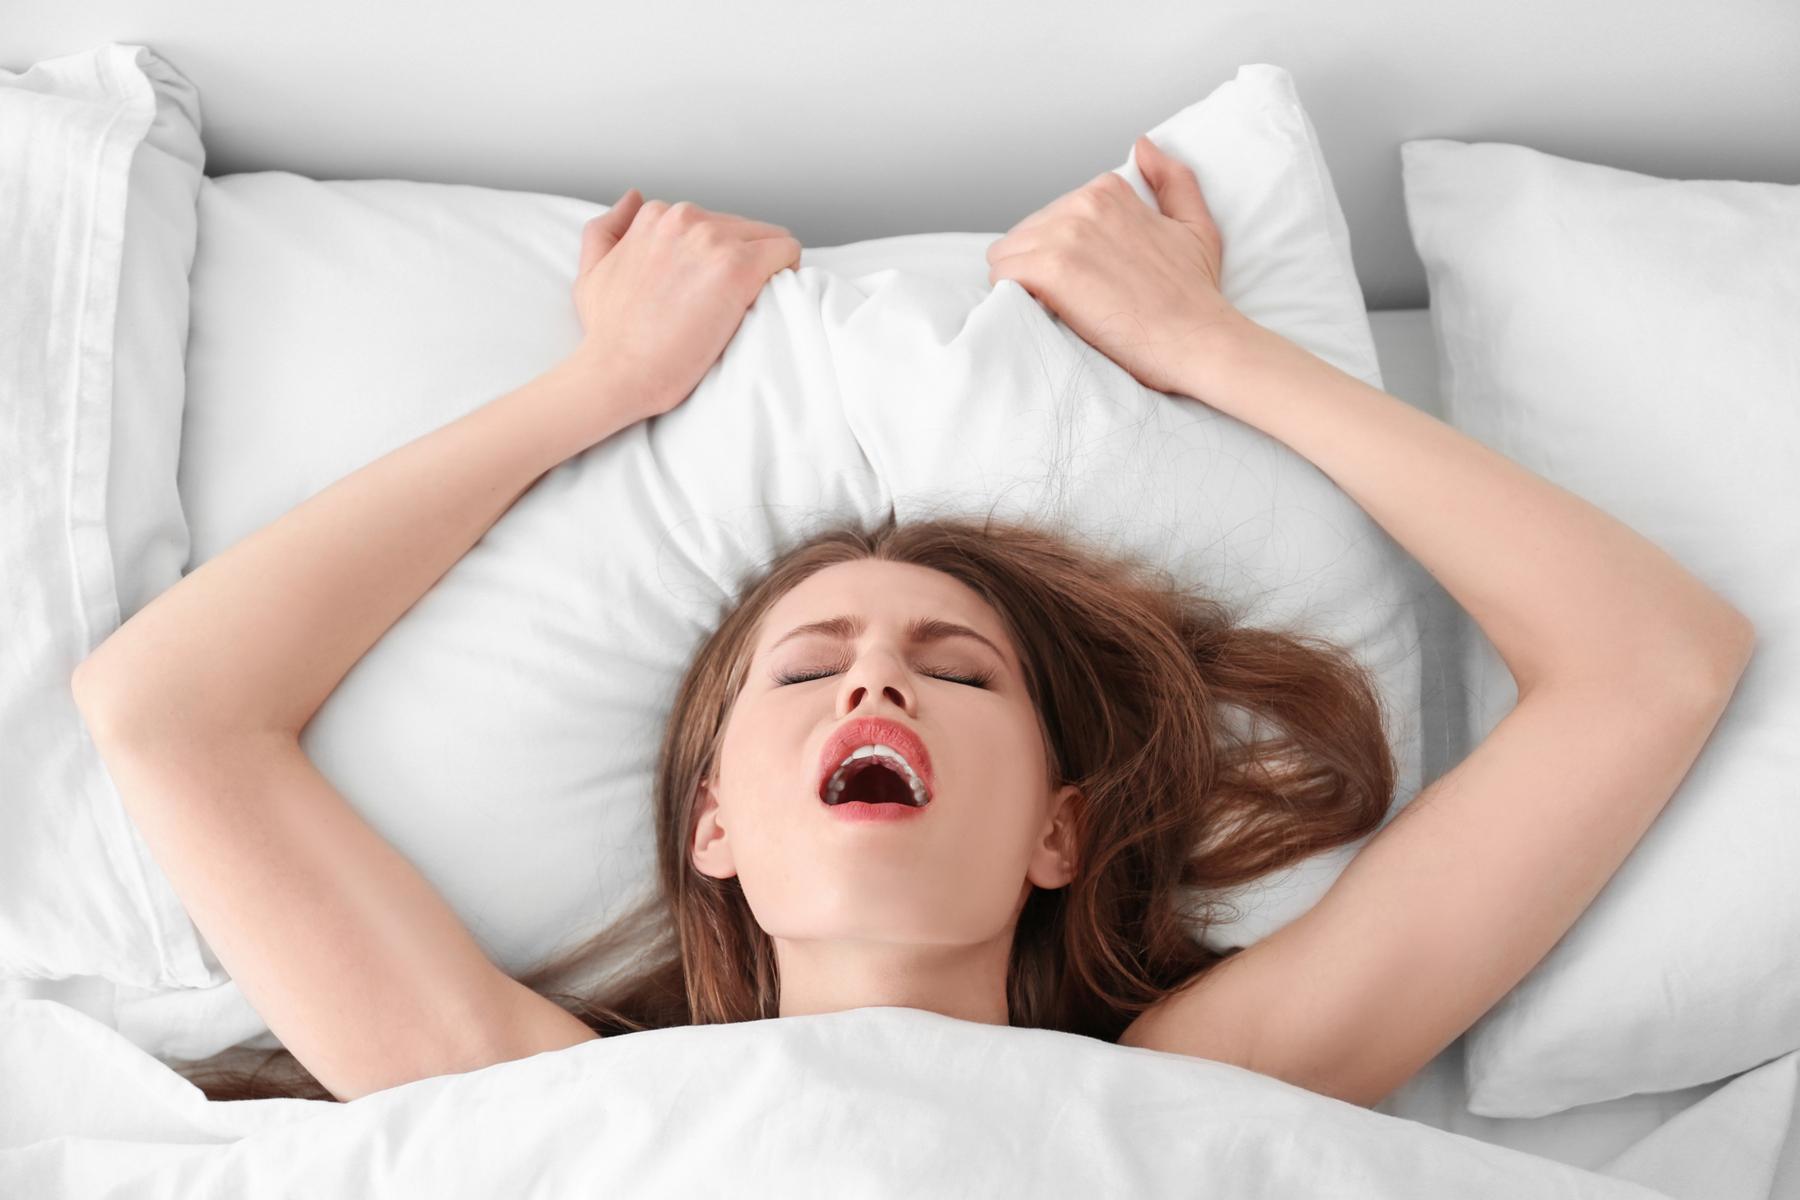 Zralá žena Křičí při orgasmu Orgasmu